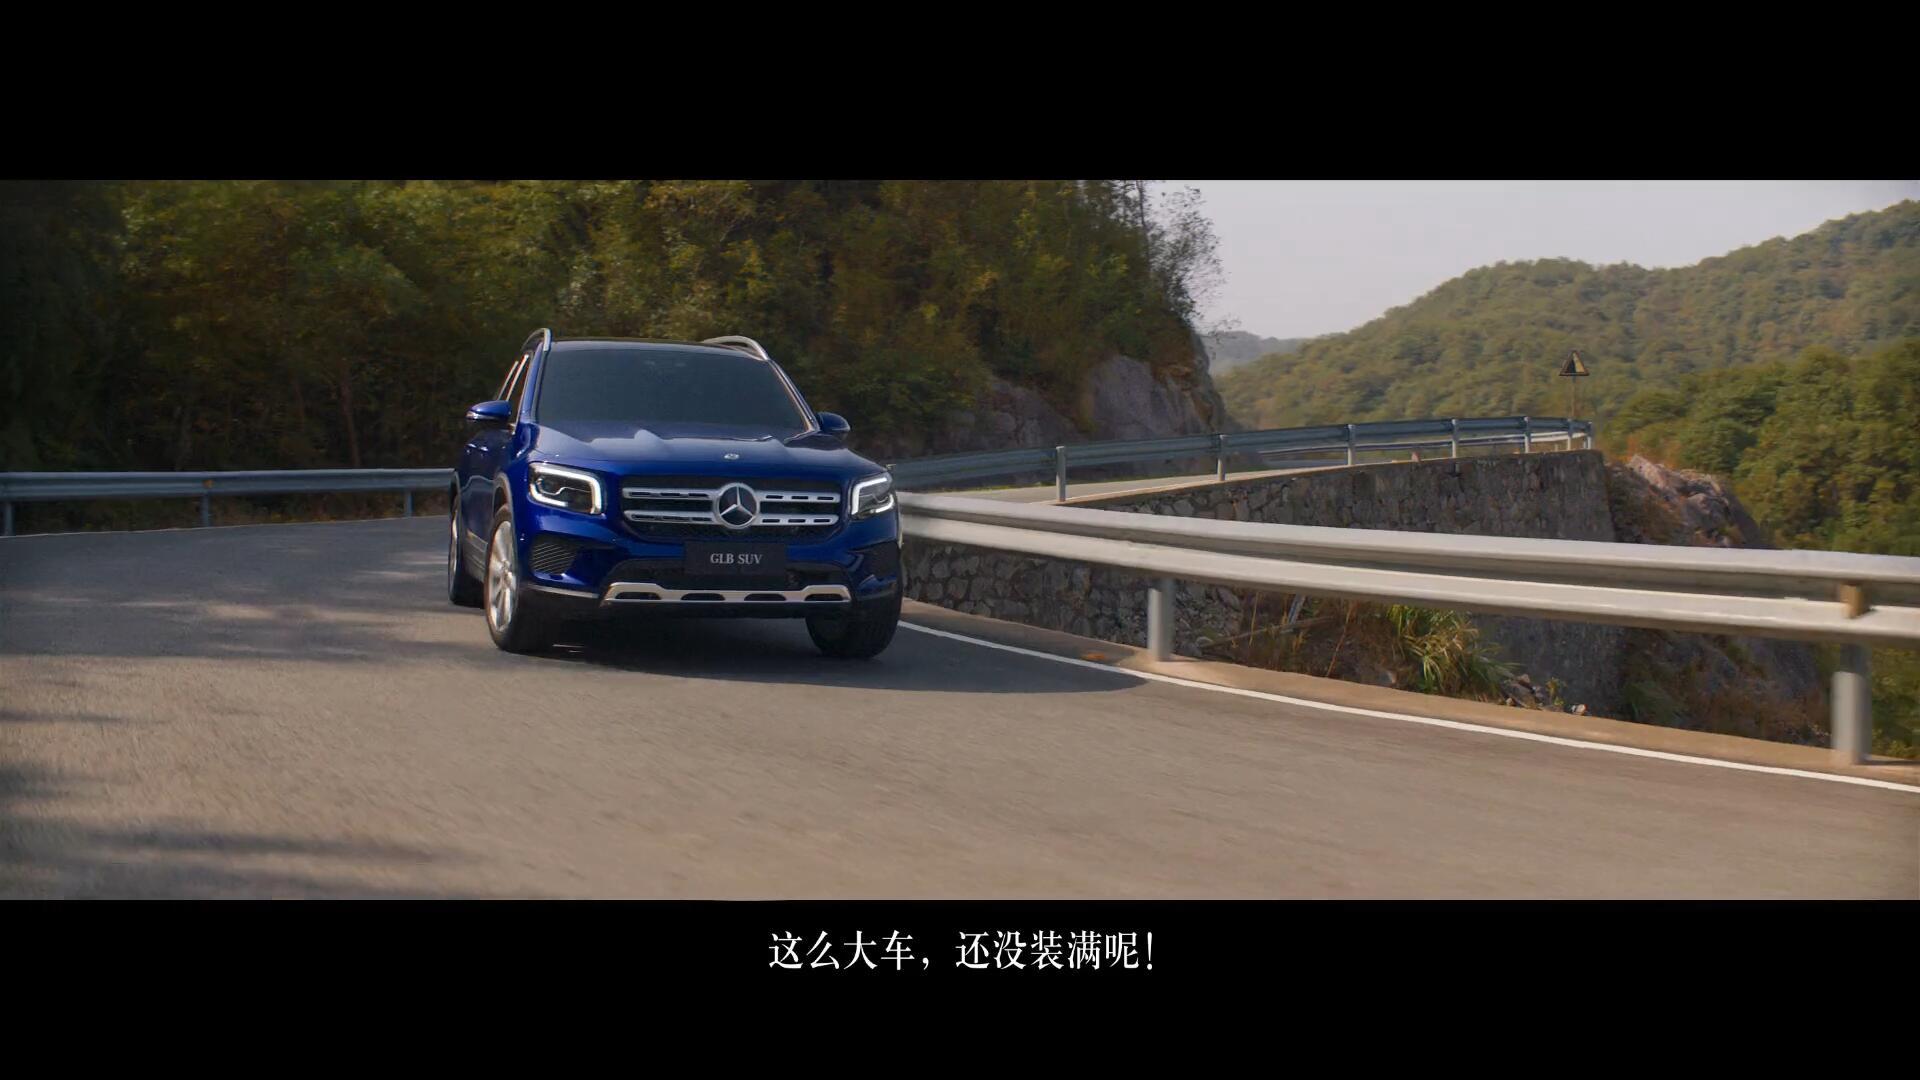 《就是这么大才大用》 全新梅赛德斯-奔驰GLB SUV广告